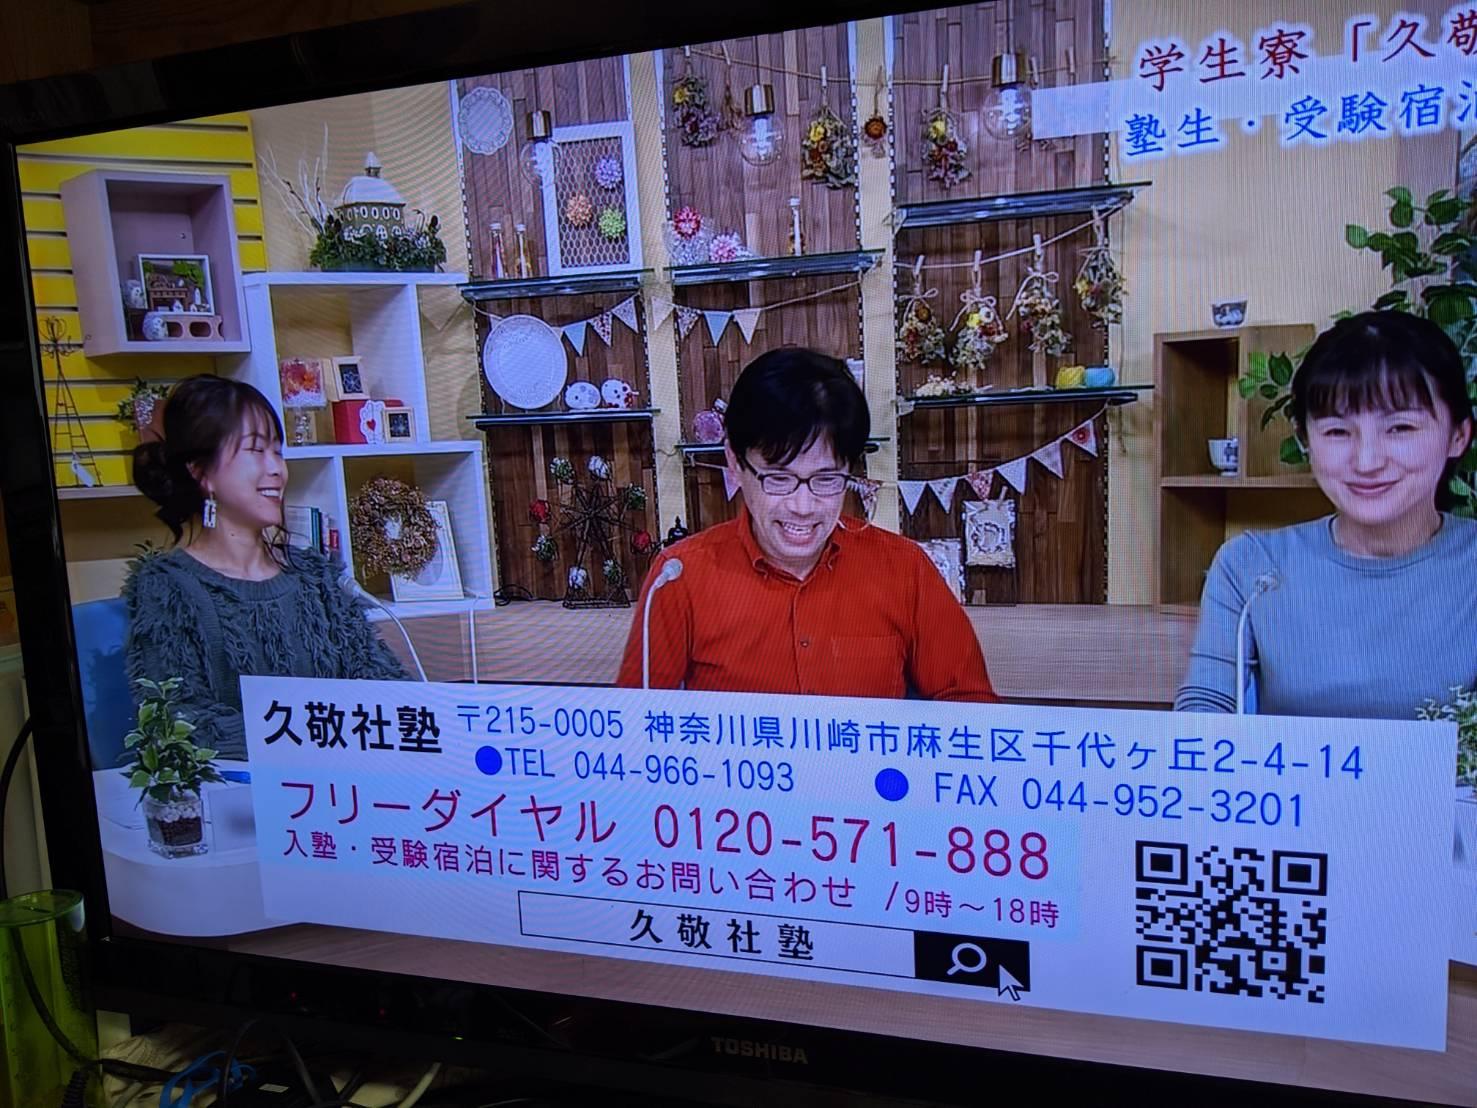 1/10からぴ~ぷる放送の「週刊キャッチぴ~ぷる」で久敬社が紹介されます!